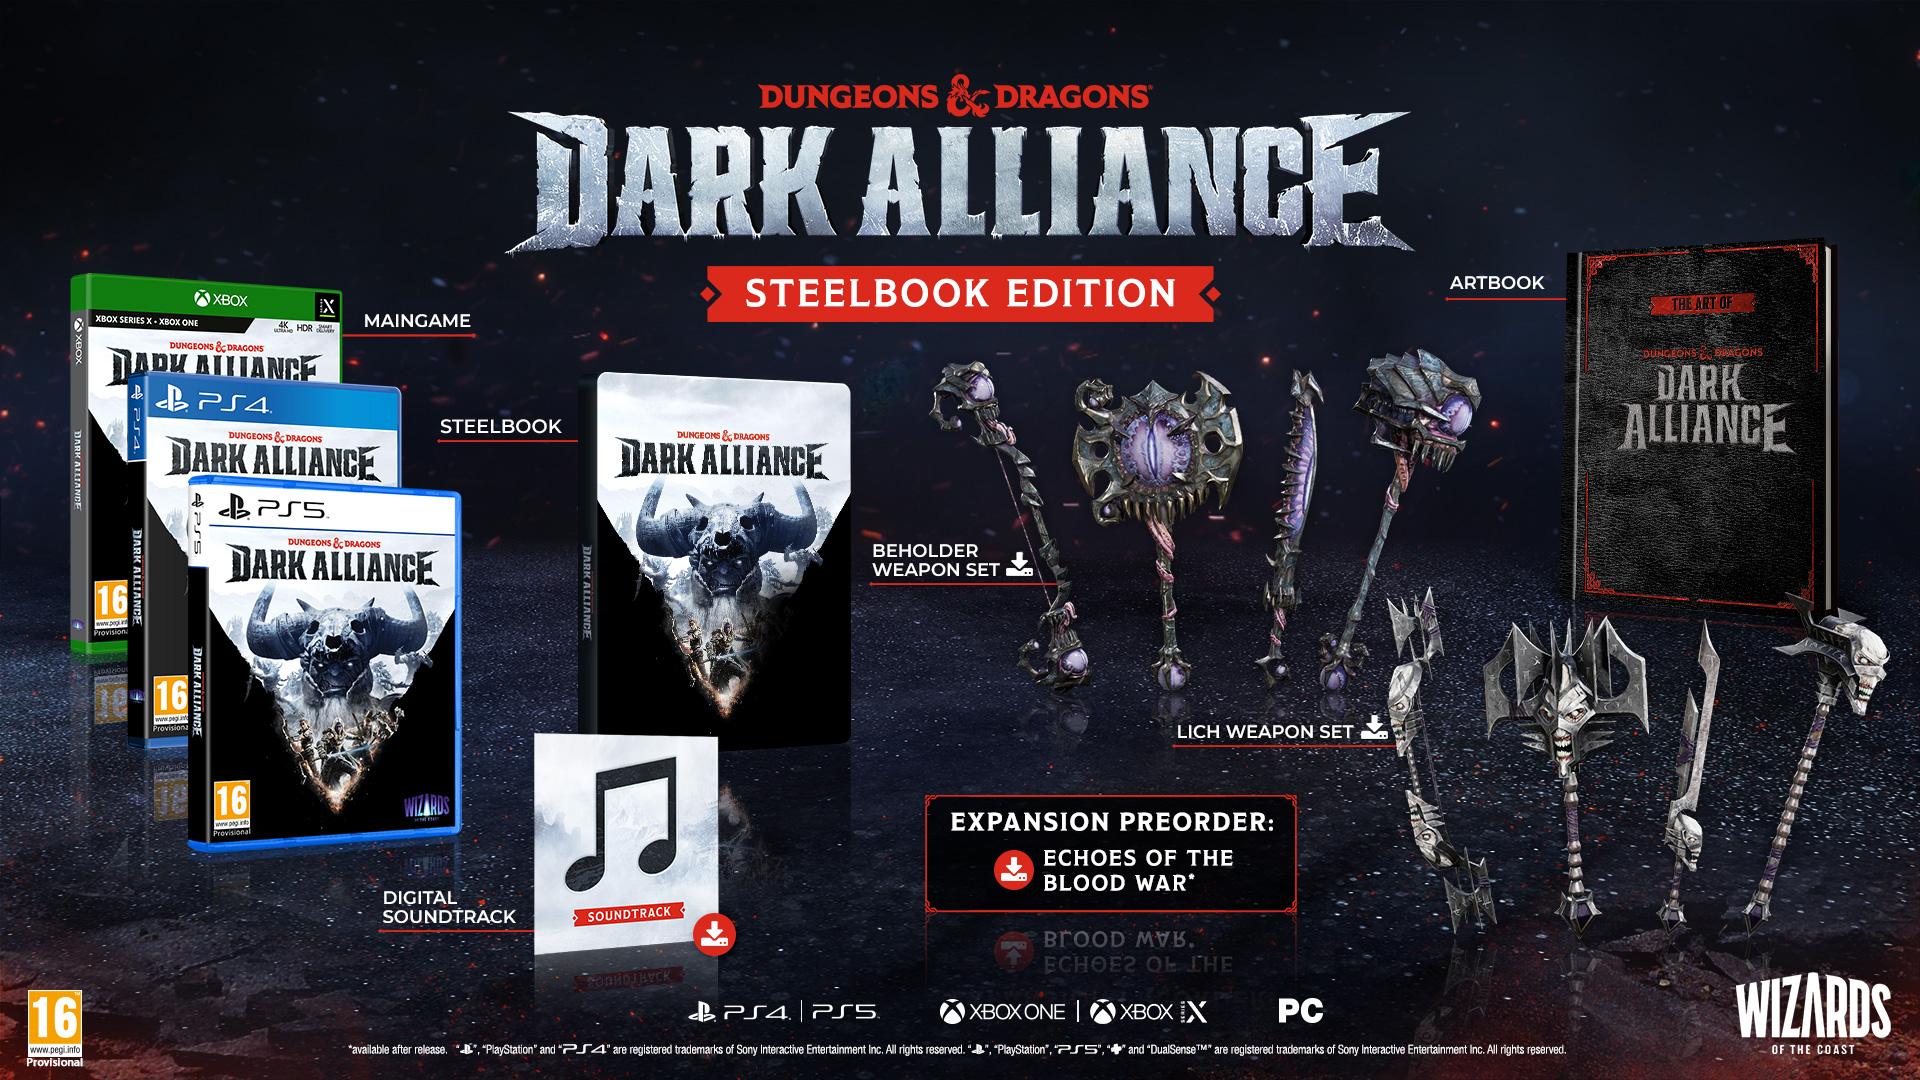 Dungeons & Dragons: Dark Alliance Steelbook Editiion